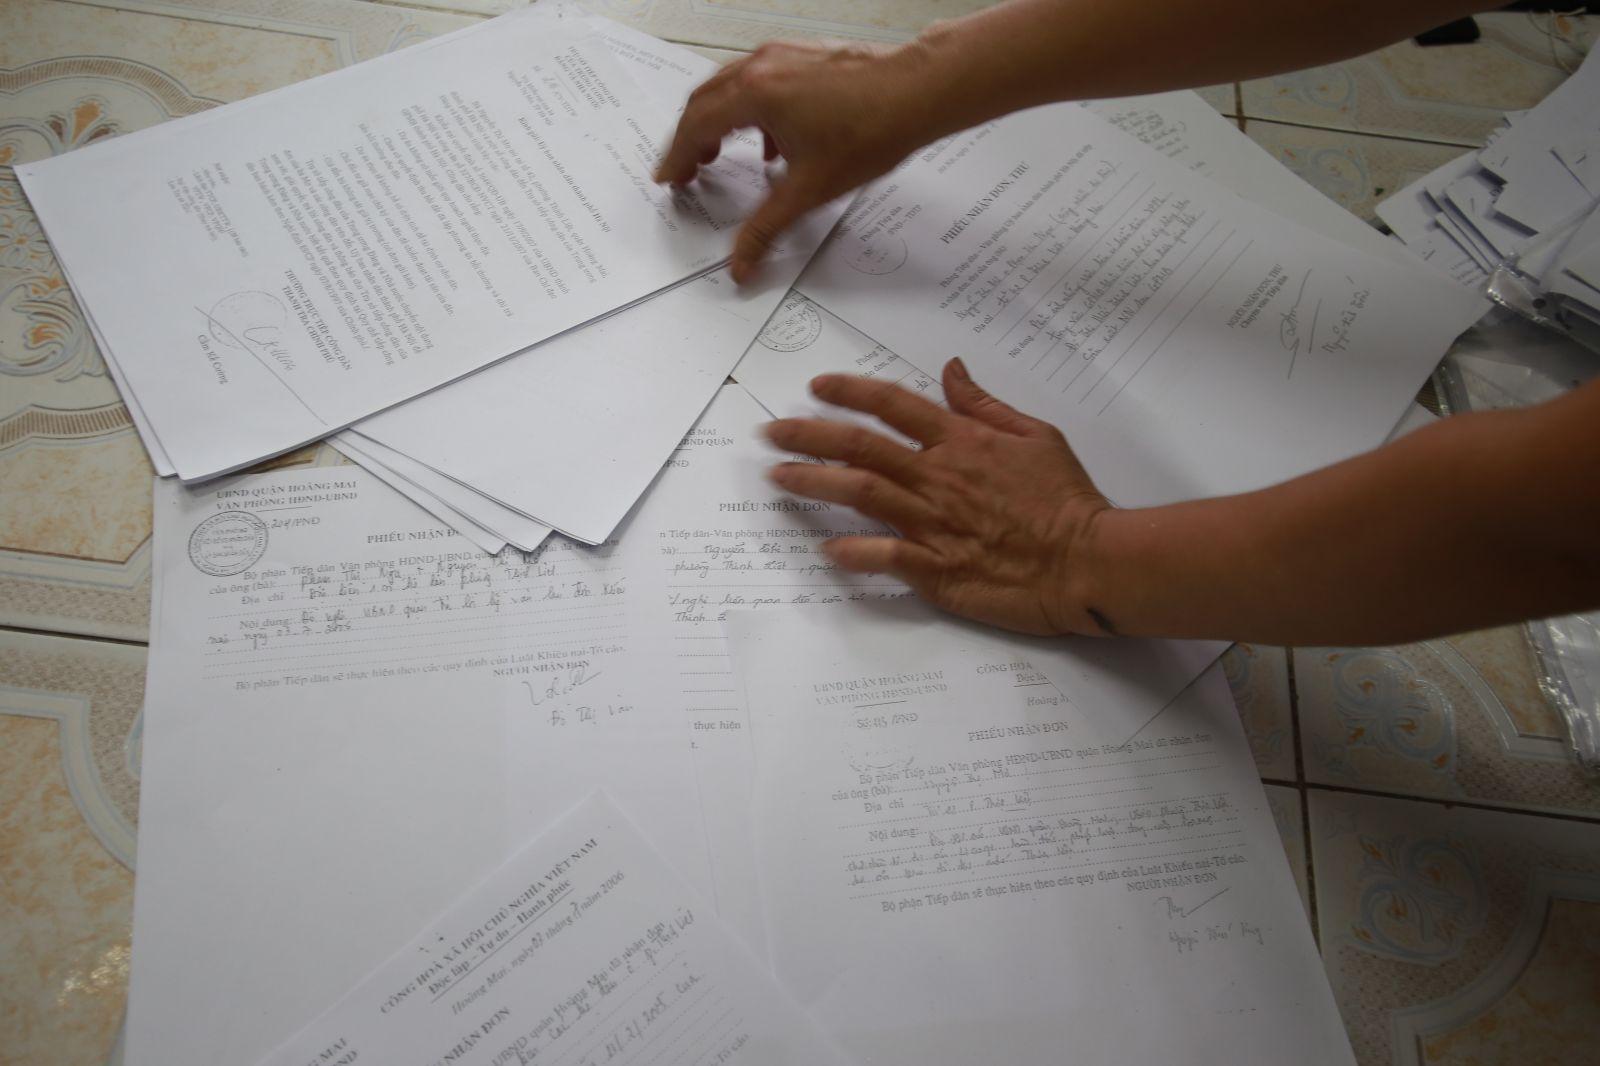 Rất nhiều lá đơn khiếu nại của người dân đã được gửi đi.